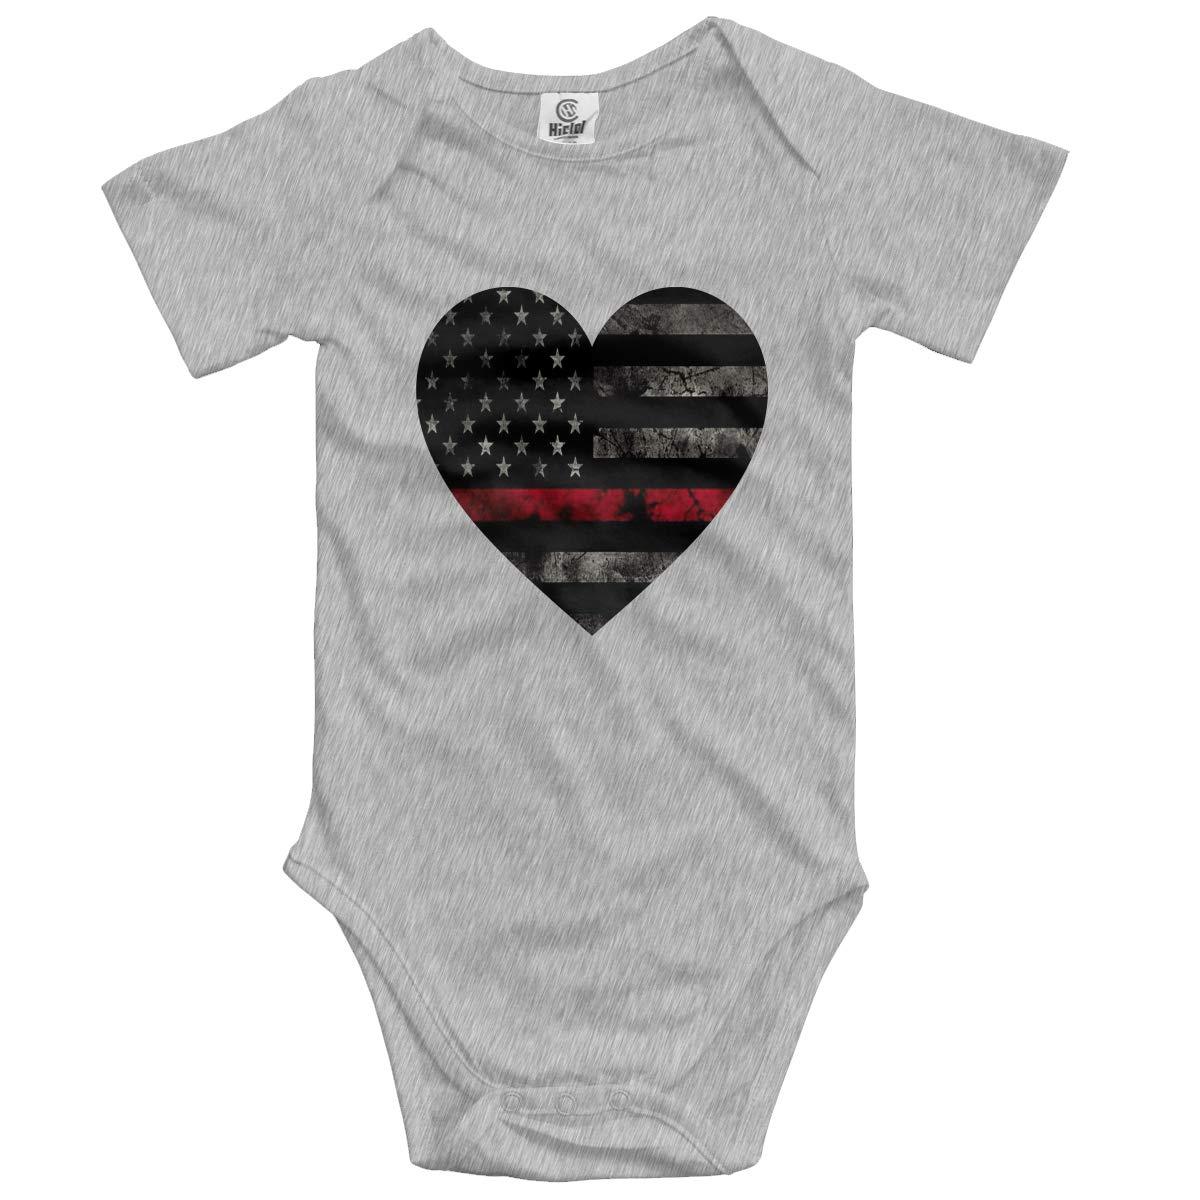 Baby Short-Sleeve Onesies Love Vintage American Flag Bodysuit Baby Outfits